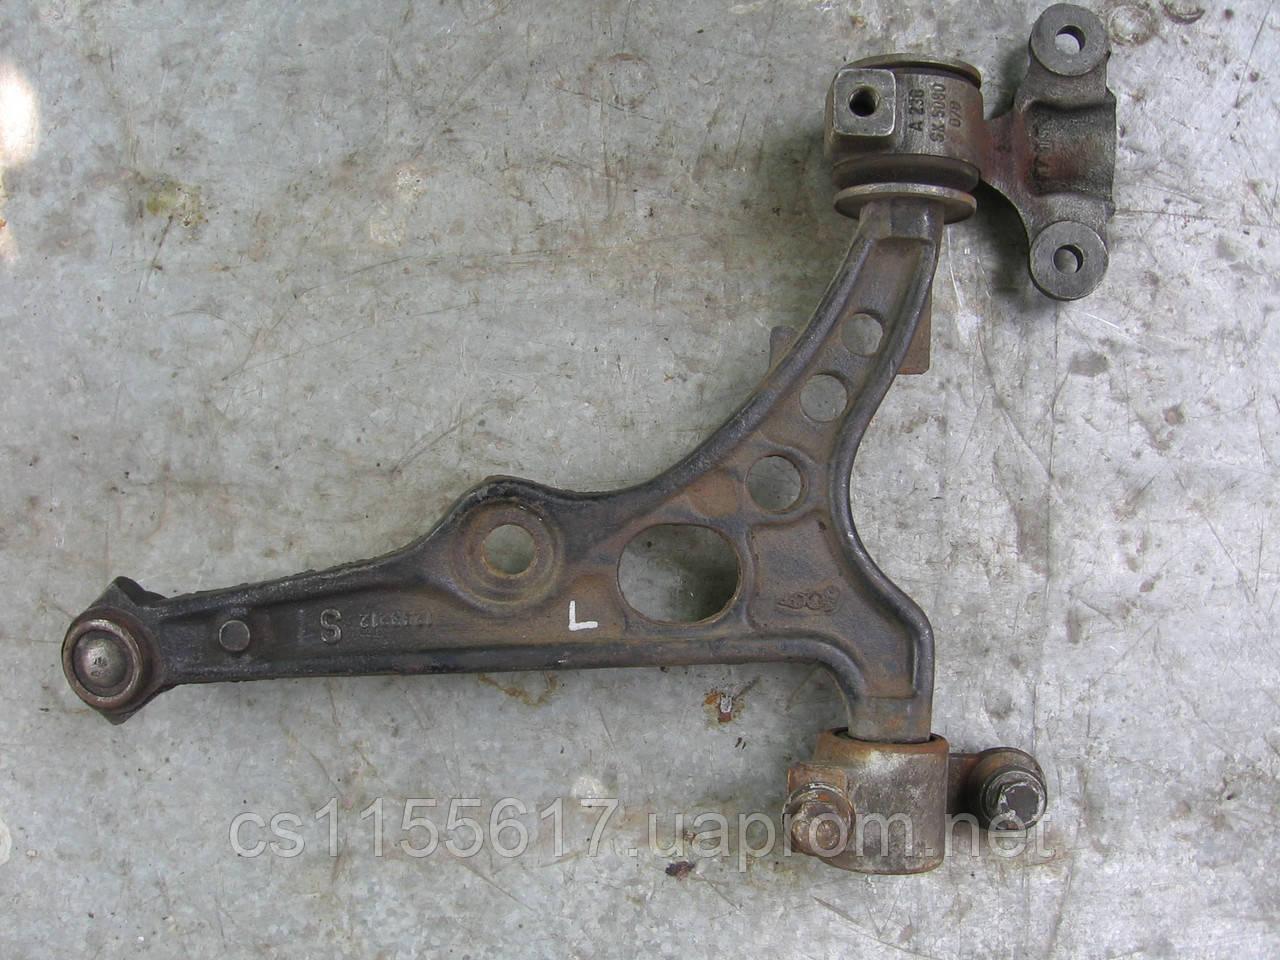 Рычаг передний левый б/у на Fiat Scudo, Peugeot Expert, Citroen Jumpy год 1995-2006